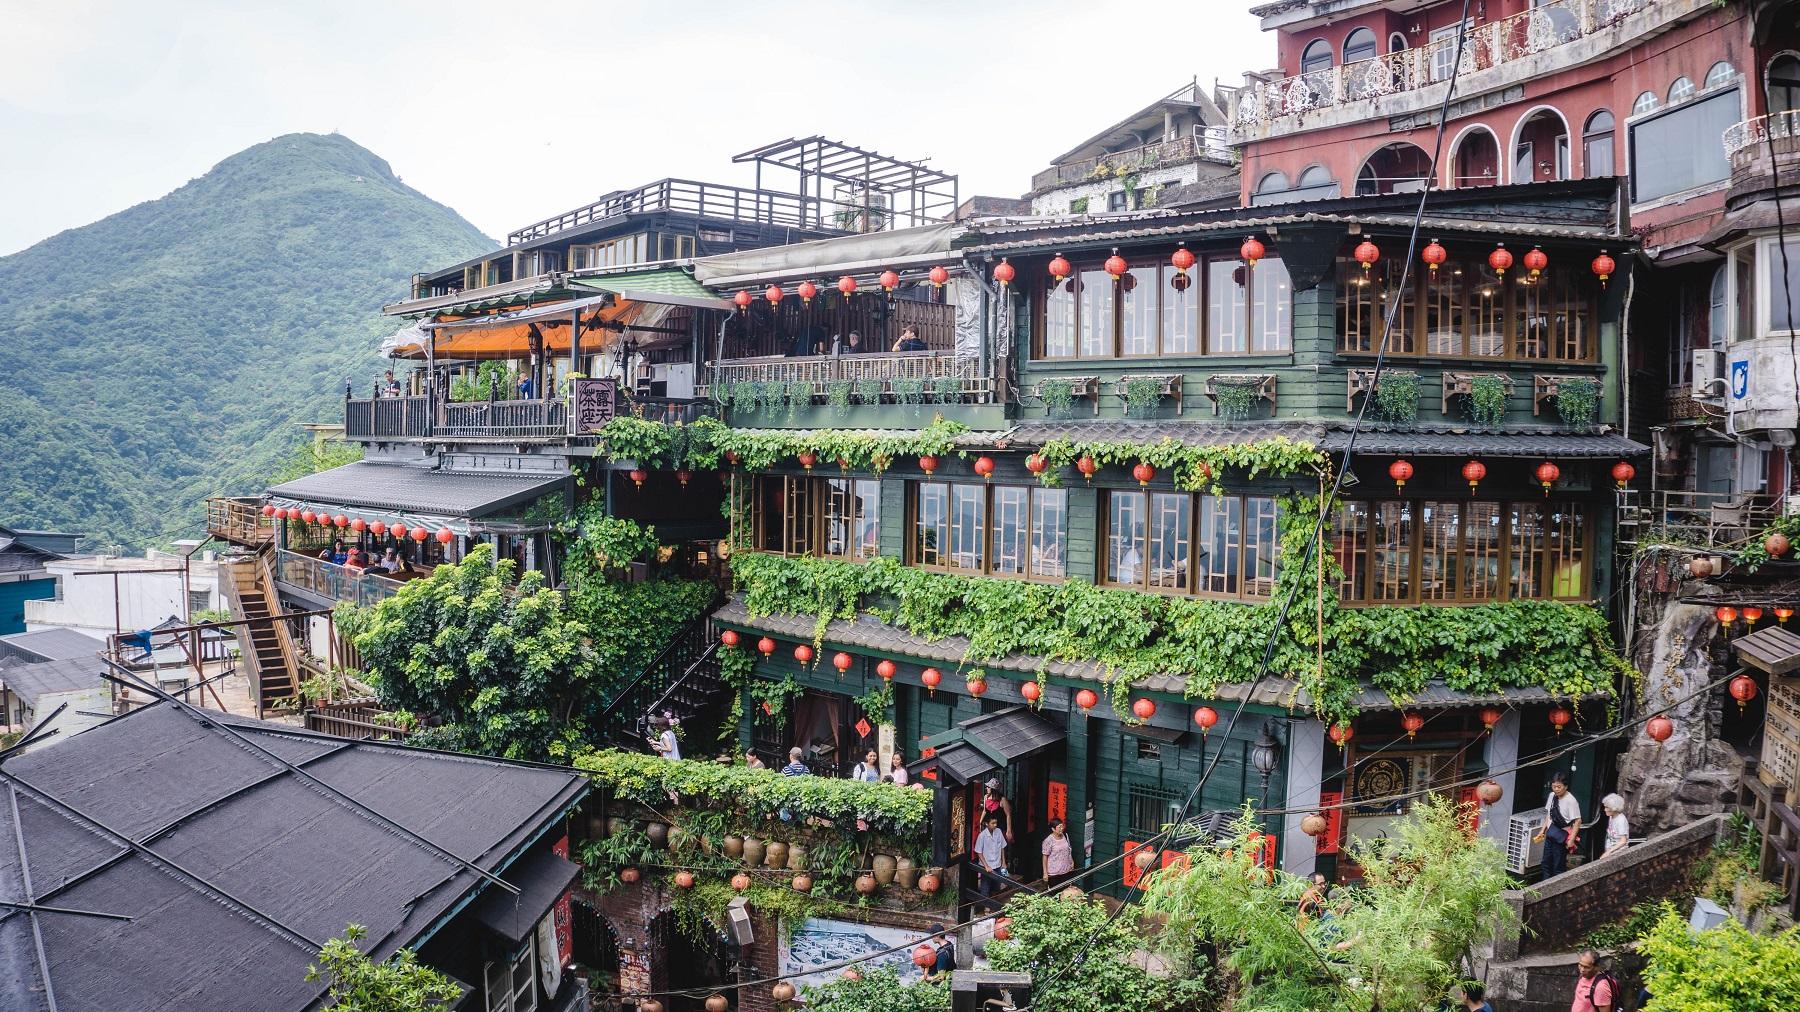 台湾_初めての海外旅行におすすめの国